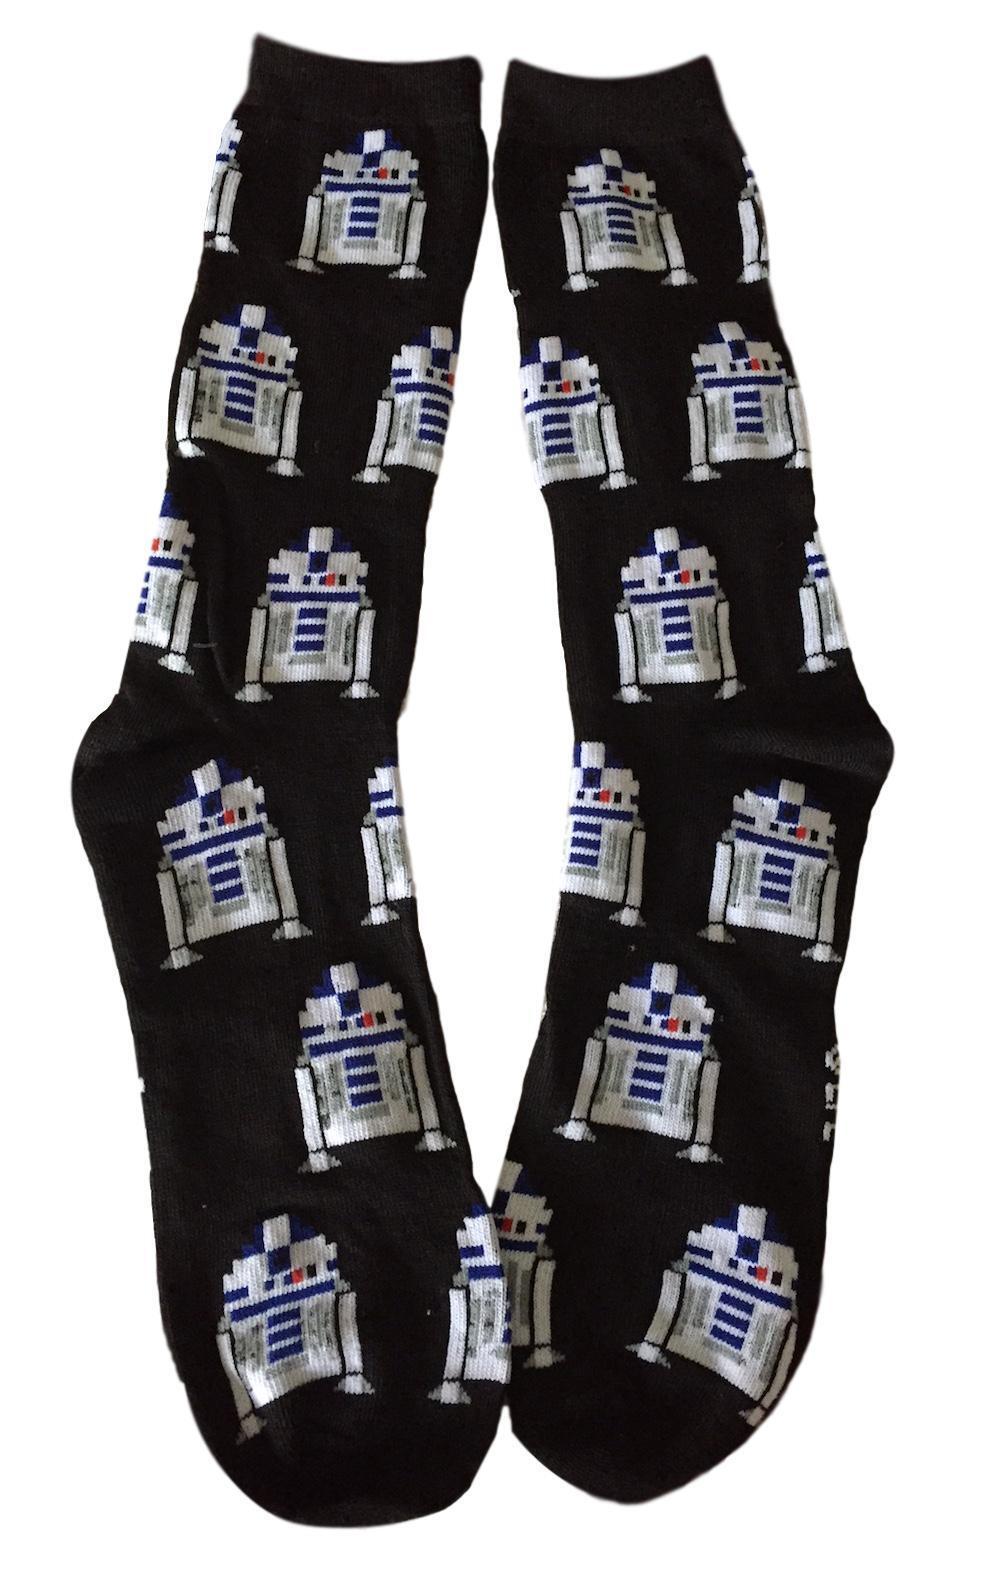 Star Wars R2-D2 Black Crew Socks Repeat Droids Adult Sized C